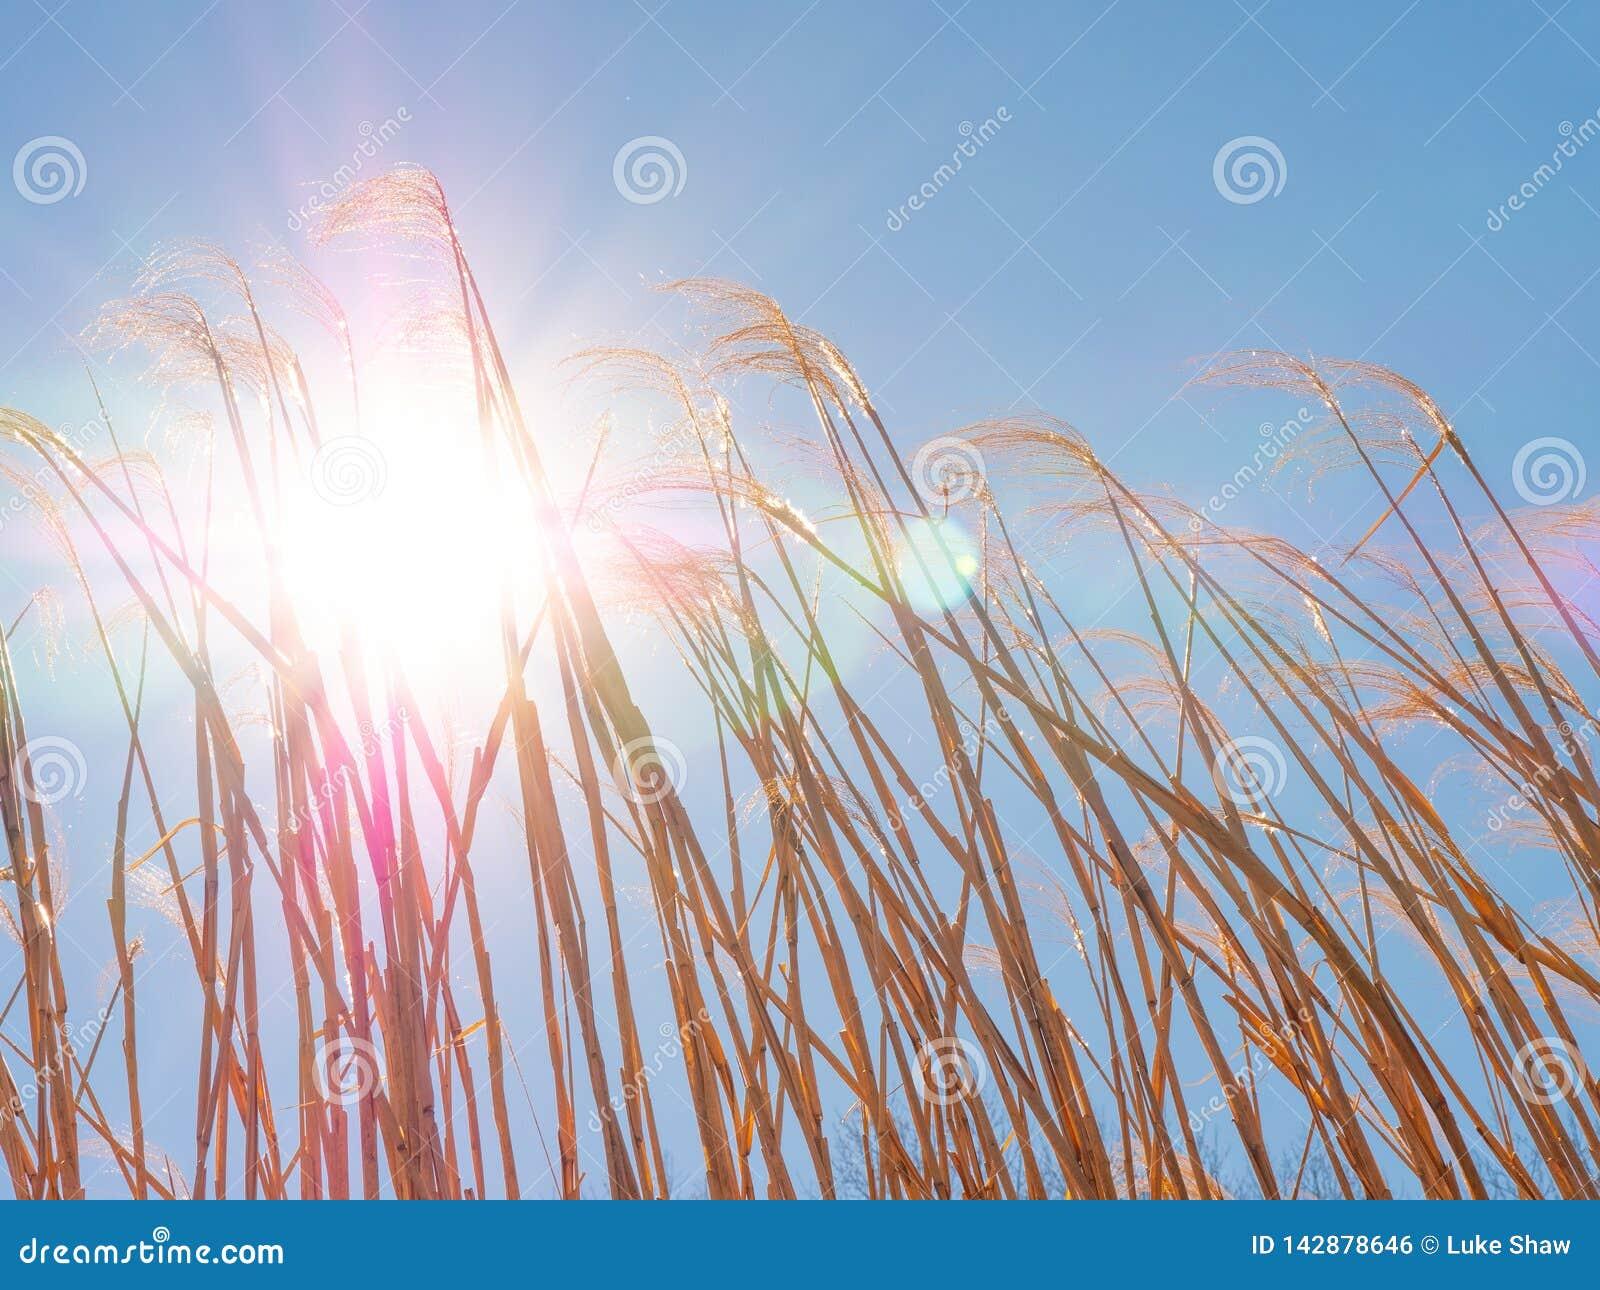 Schöner Weizen hintergrundbeleuchtet bis zum einem majestätischen Sun